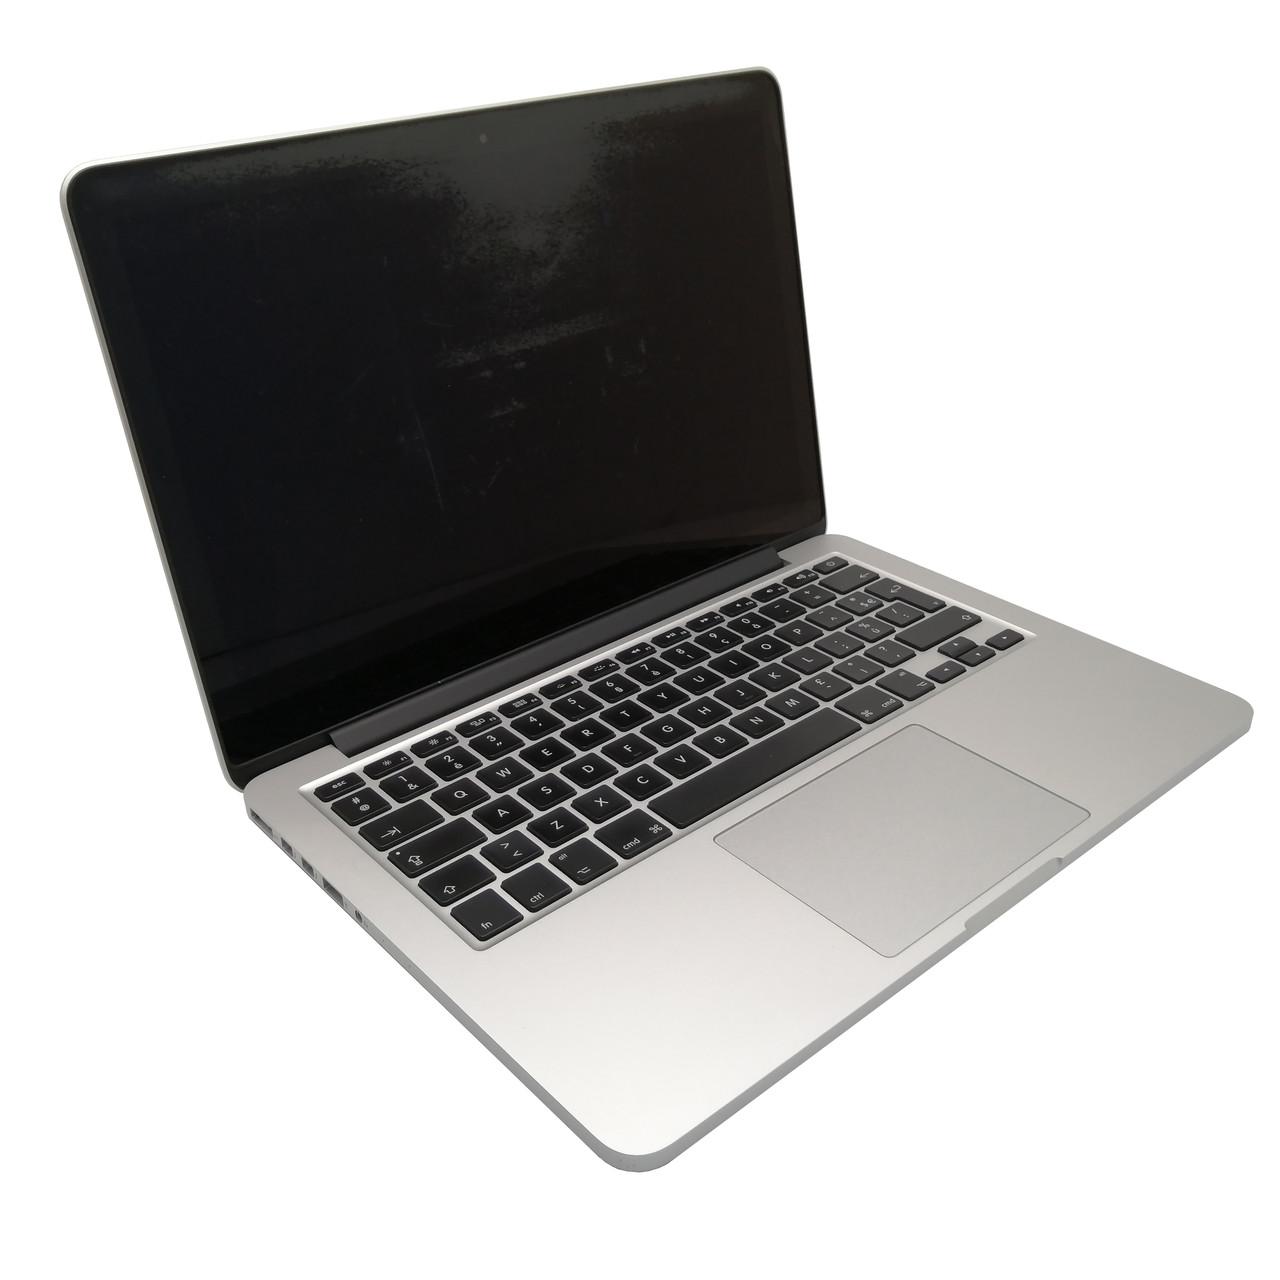 Ноутбук Apple MacBook Pro 13 A1502 2015 13.3 (2560x1600)/ Core i5-5257U/ RAM 8GB/ SSD120GB/ АКБ 170C/ Сост